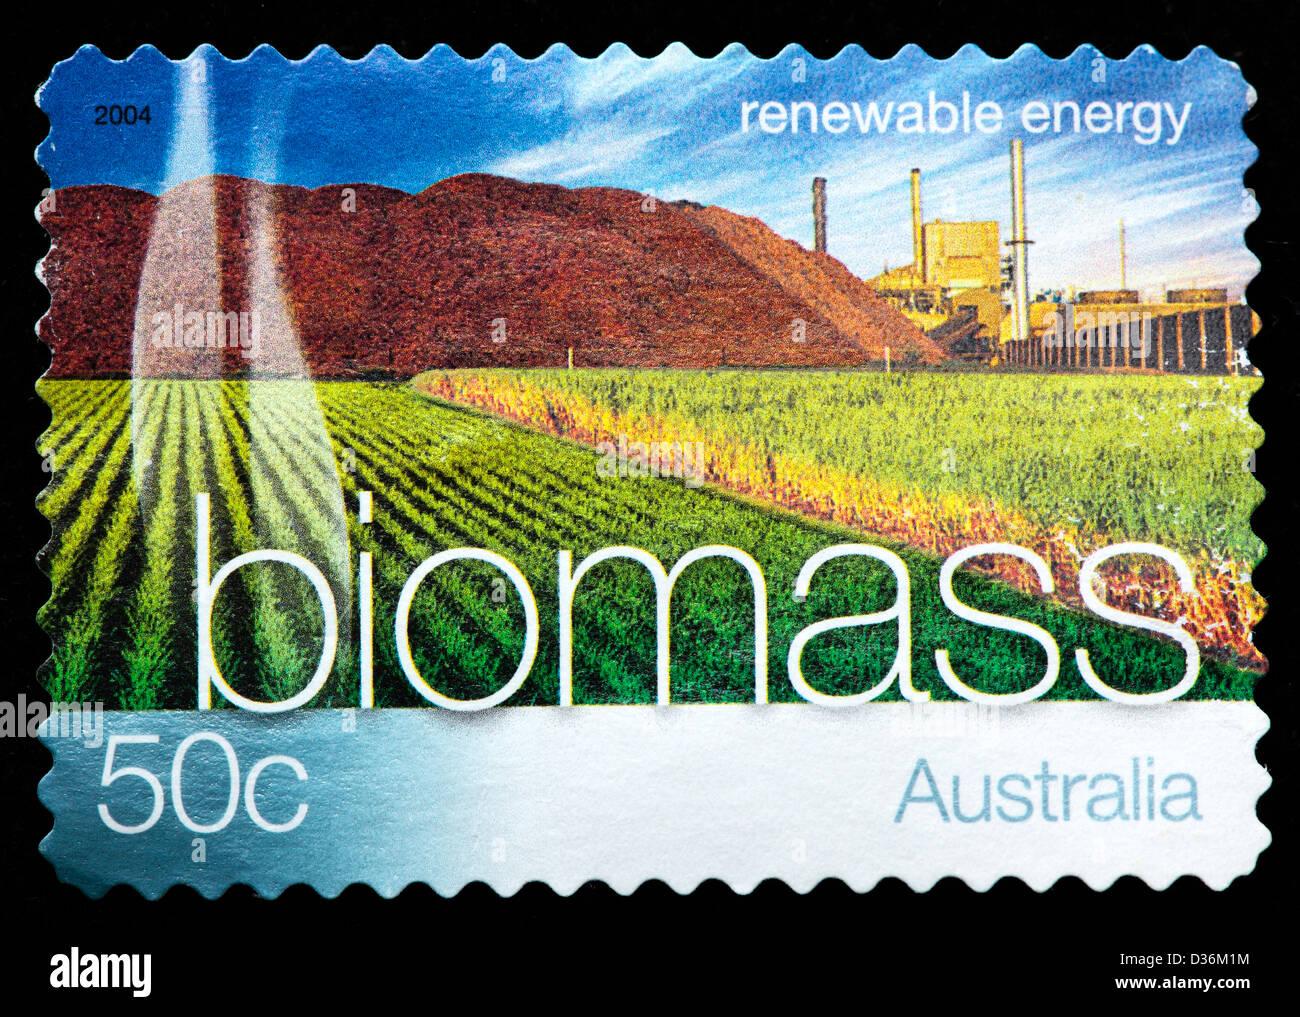 La biomasa, la energía renovable, sello, Australia, 2004 Imagen De Stock